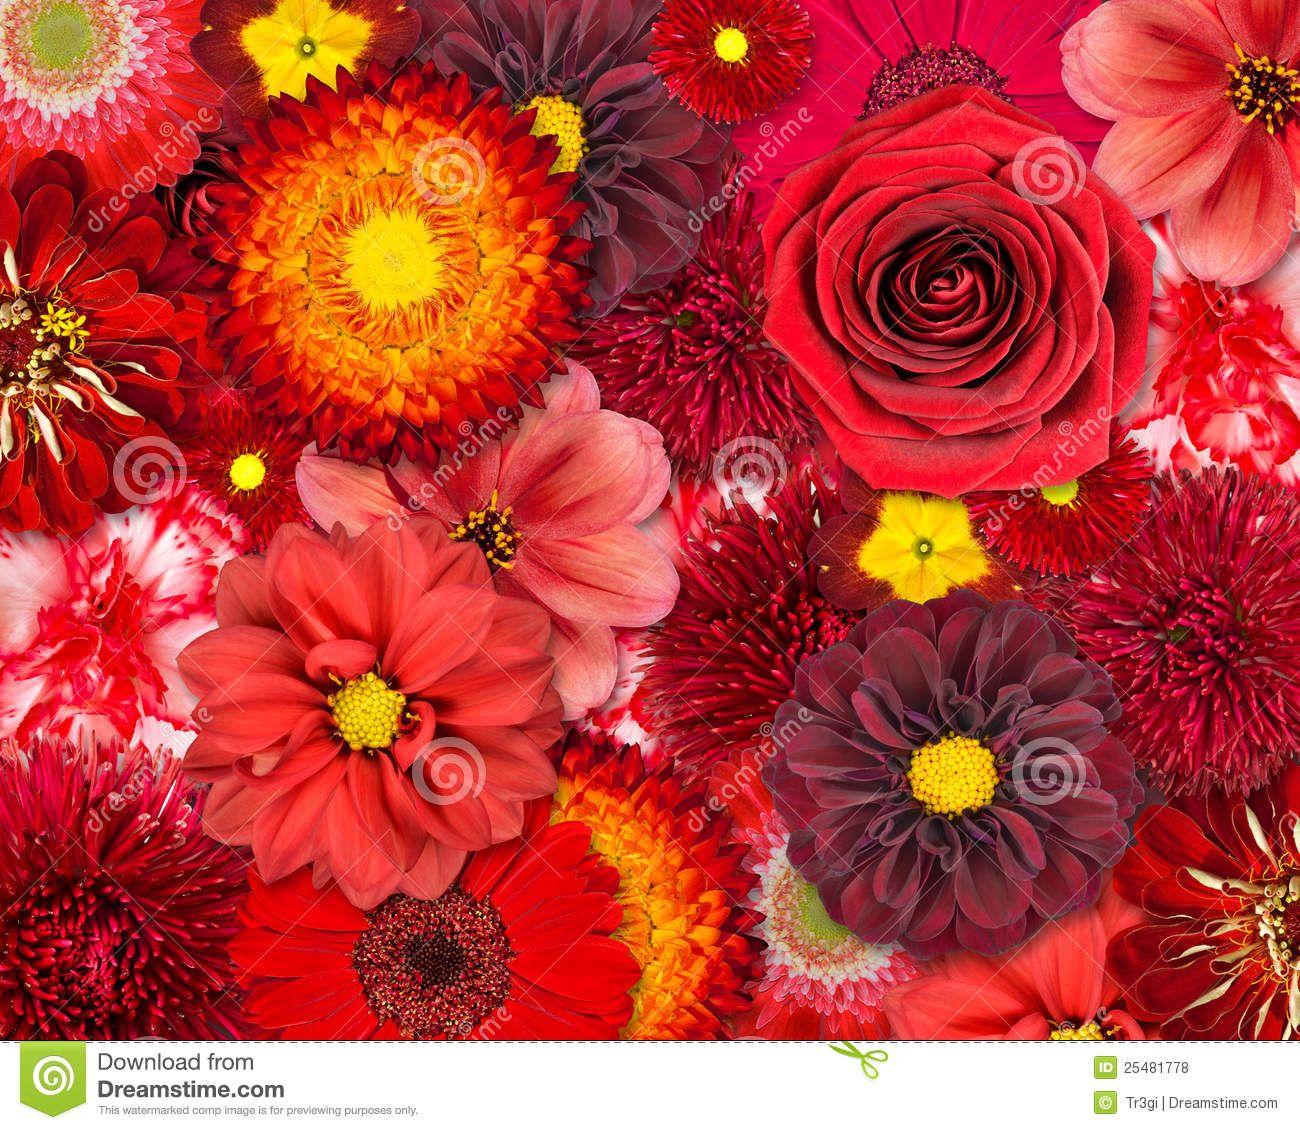 Red Flower Background Flower backgrounds, Flower stock